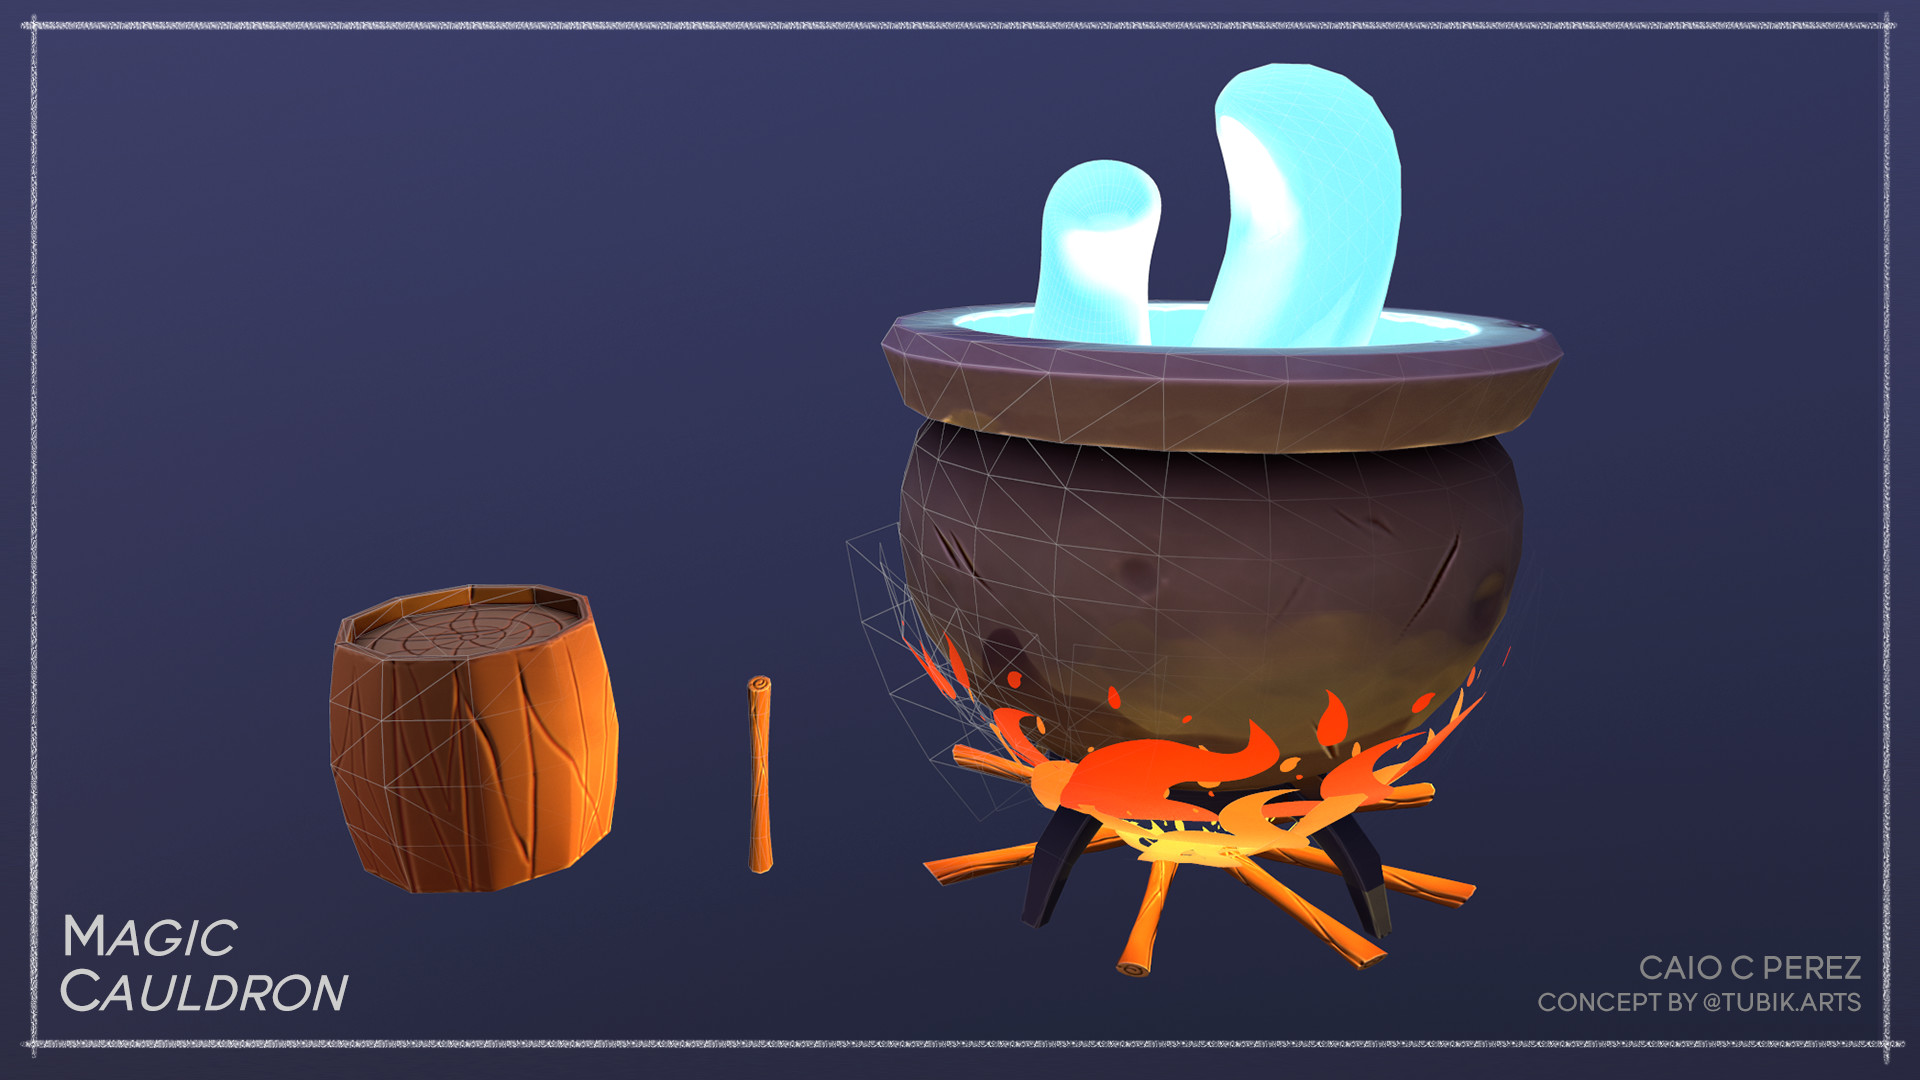 Caio perez cauldron 2